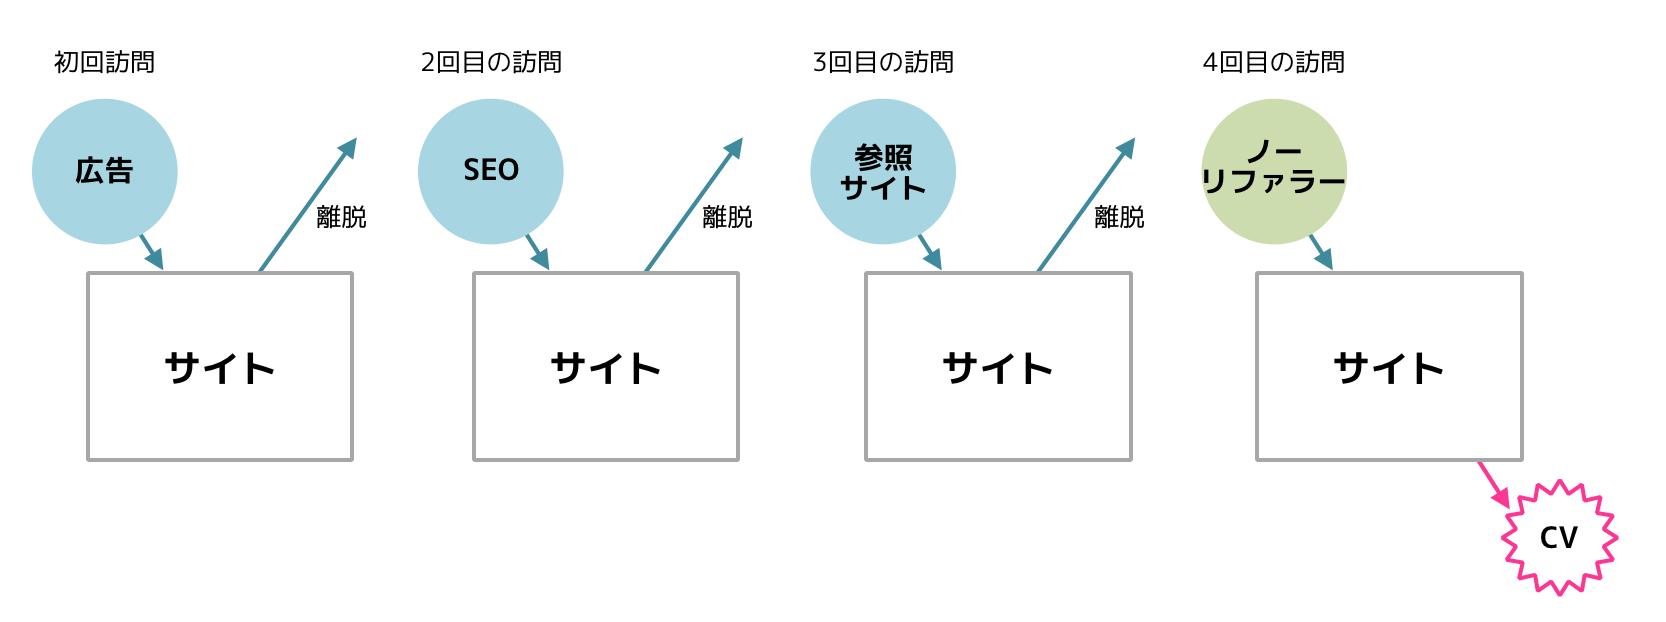 経路の数解説